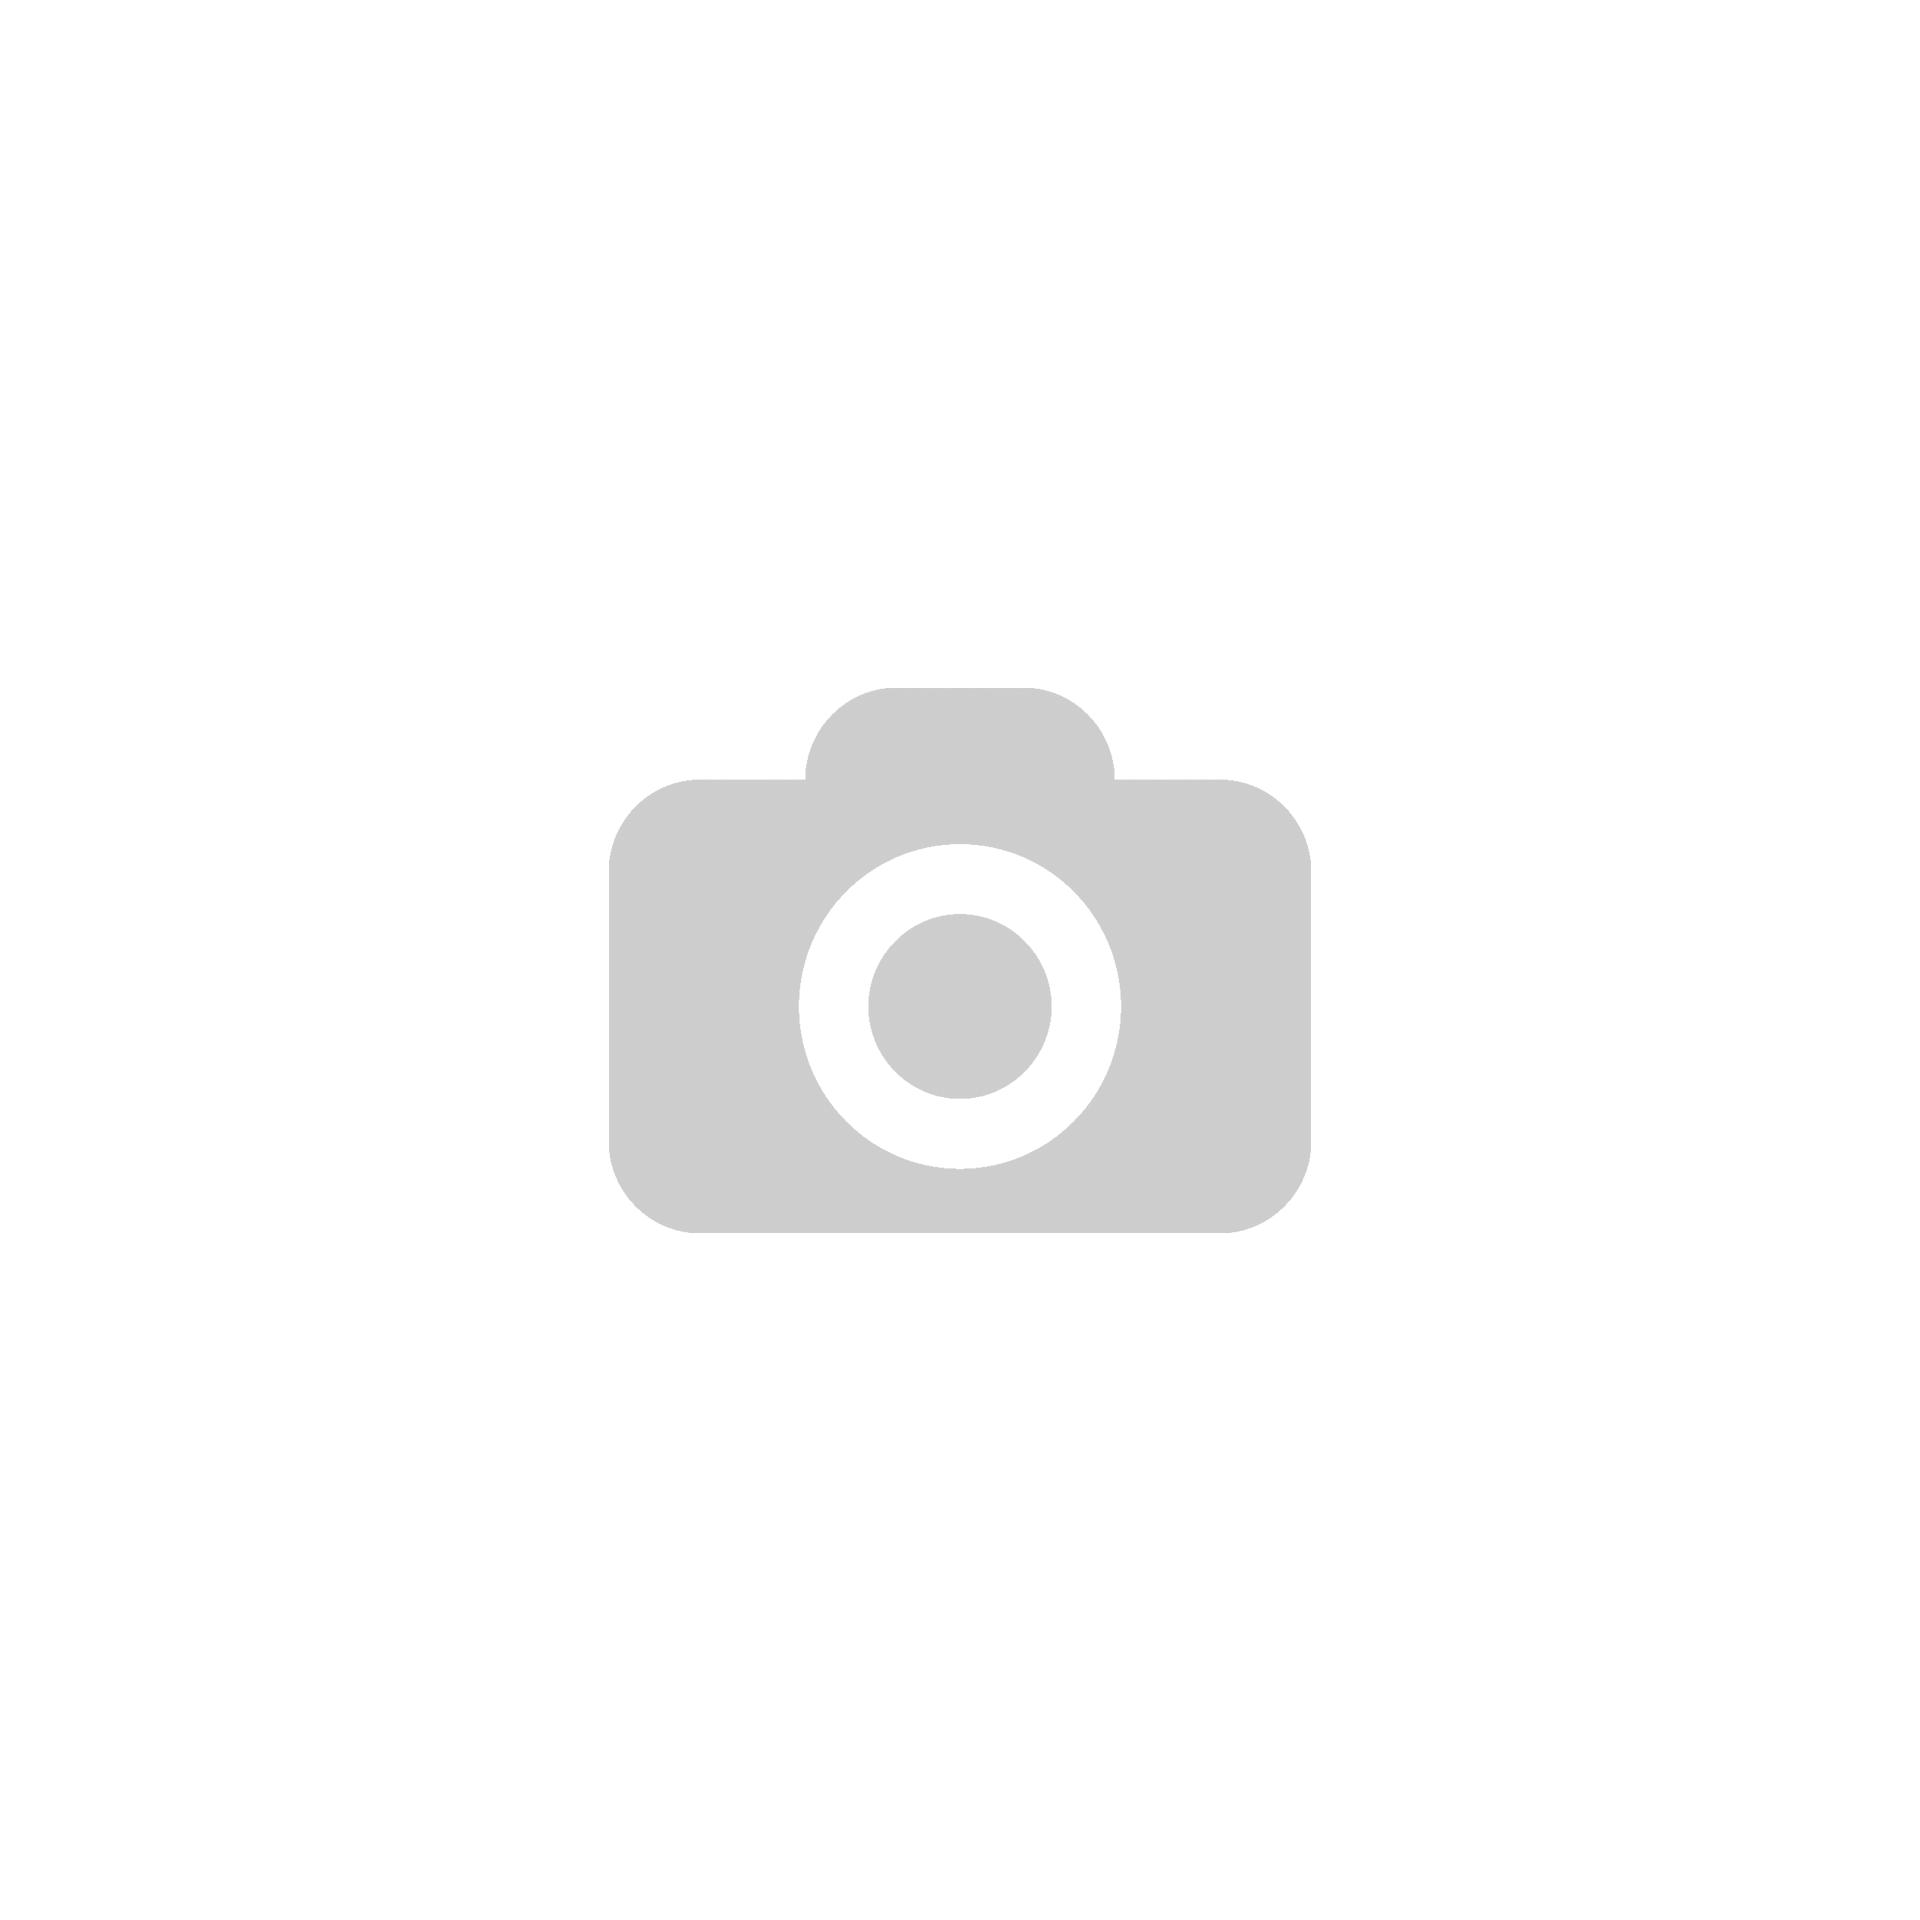 Flex GSE 5 R kompakt rövidszárú padló- és falmegmunkáló Okapi® csapott élszegmensű fejjel, hordtáskában